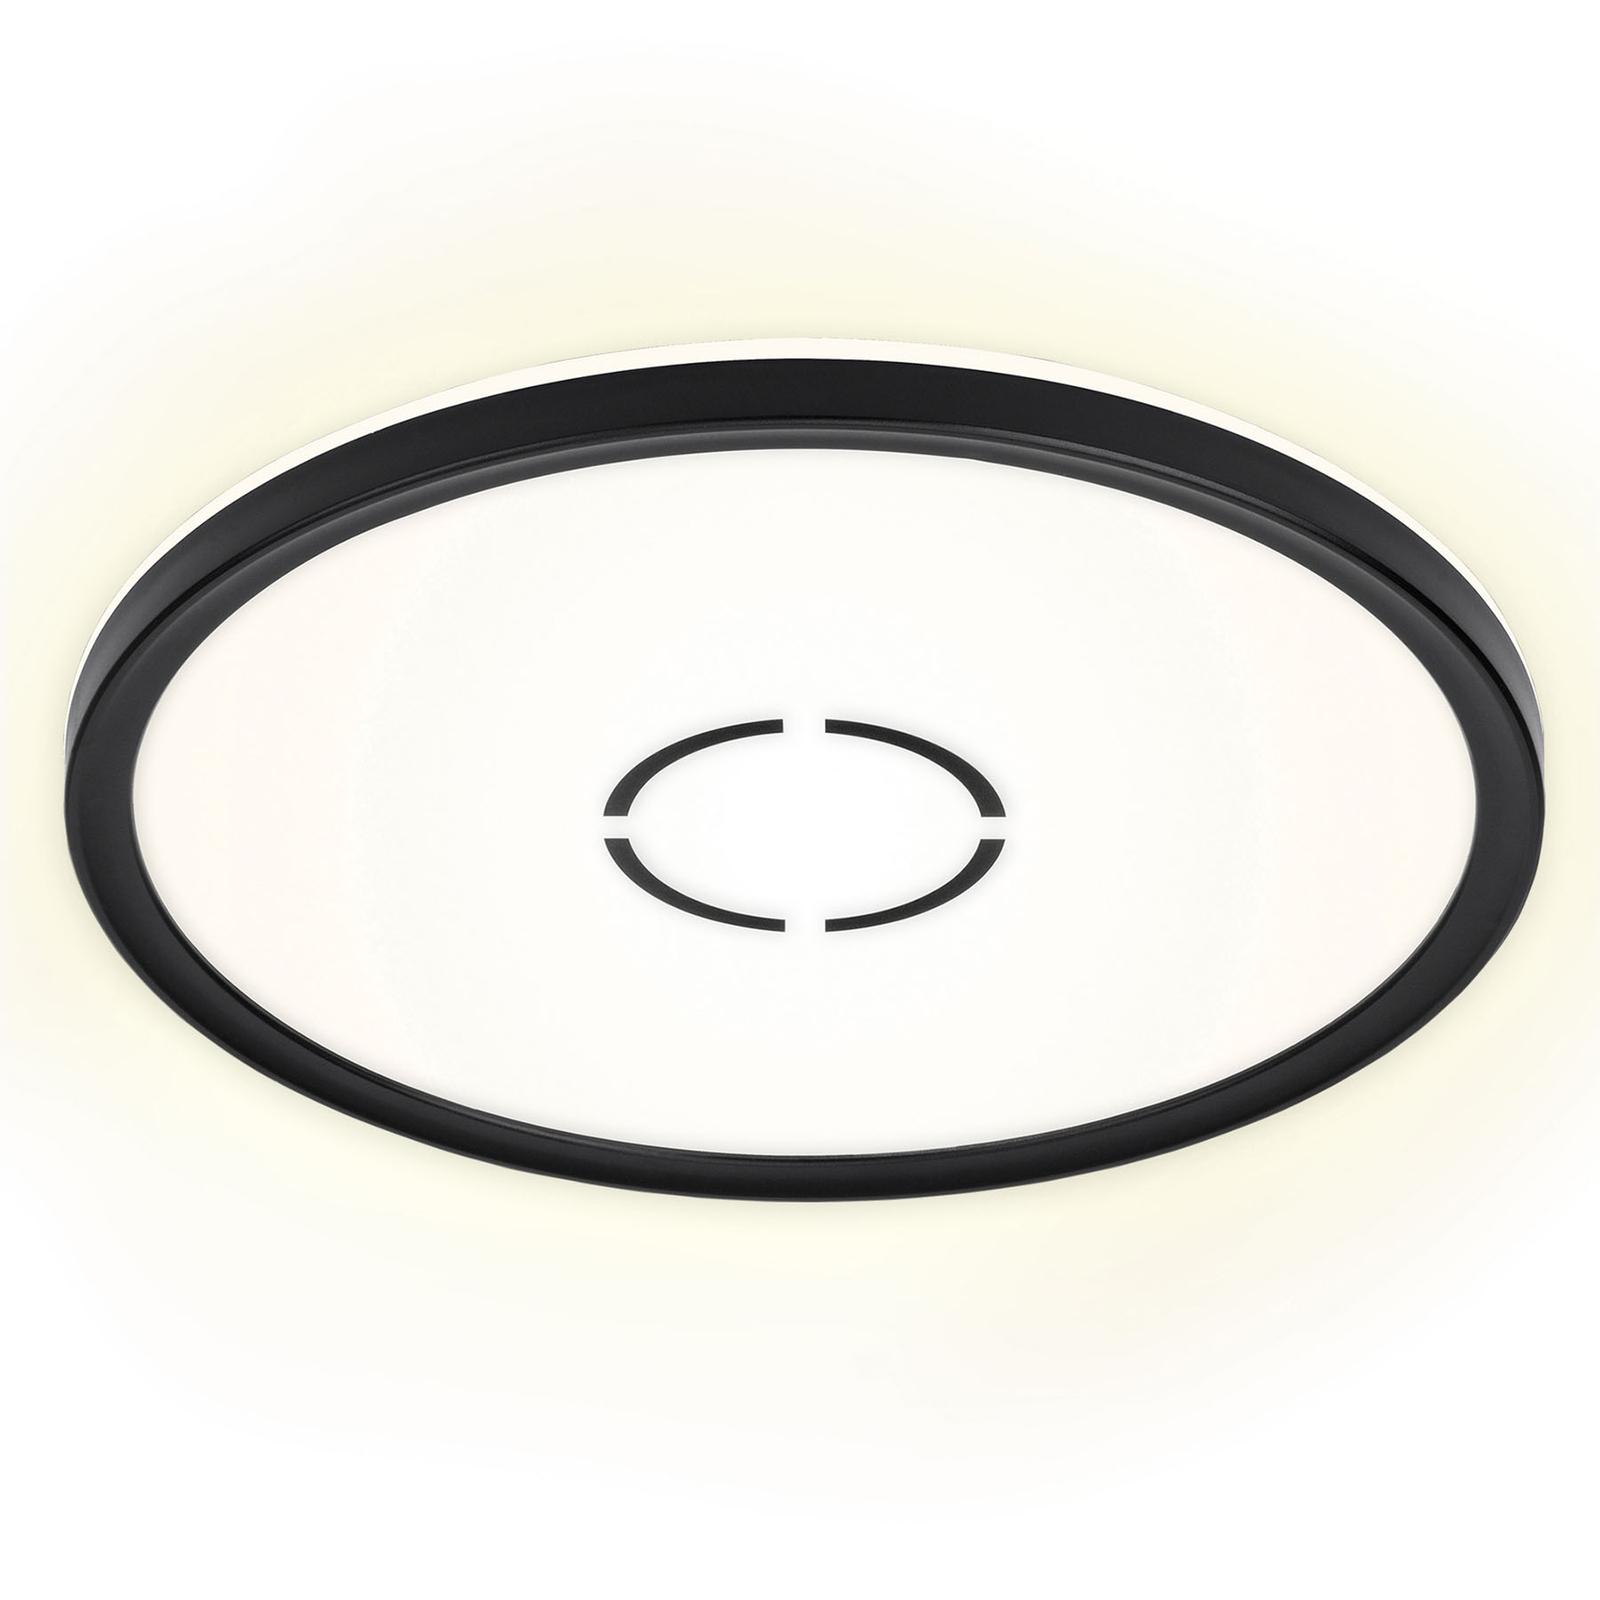 LED-Deckenleuchte Free, Ø 29 cm, schwarz